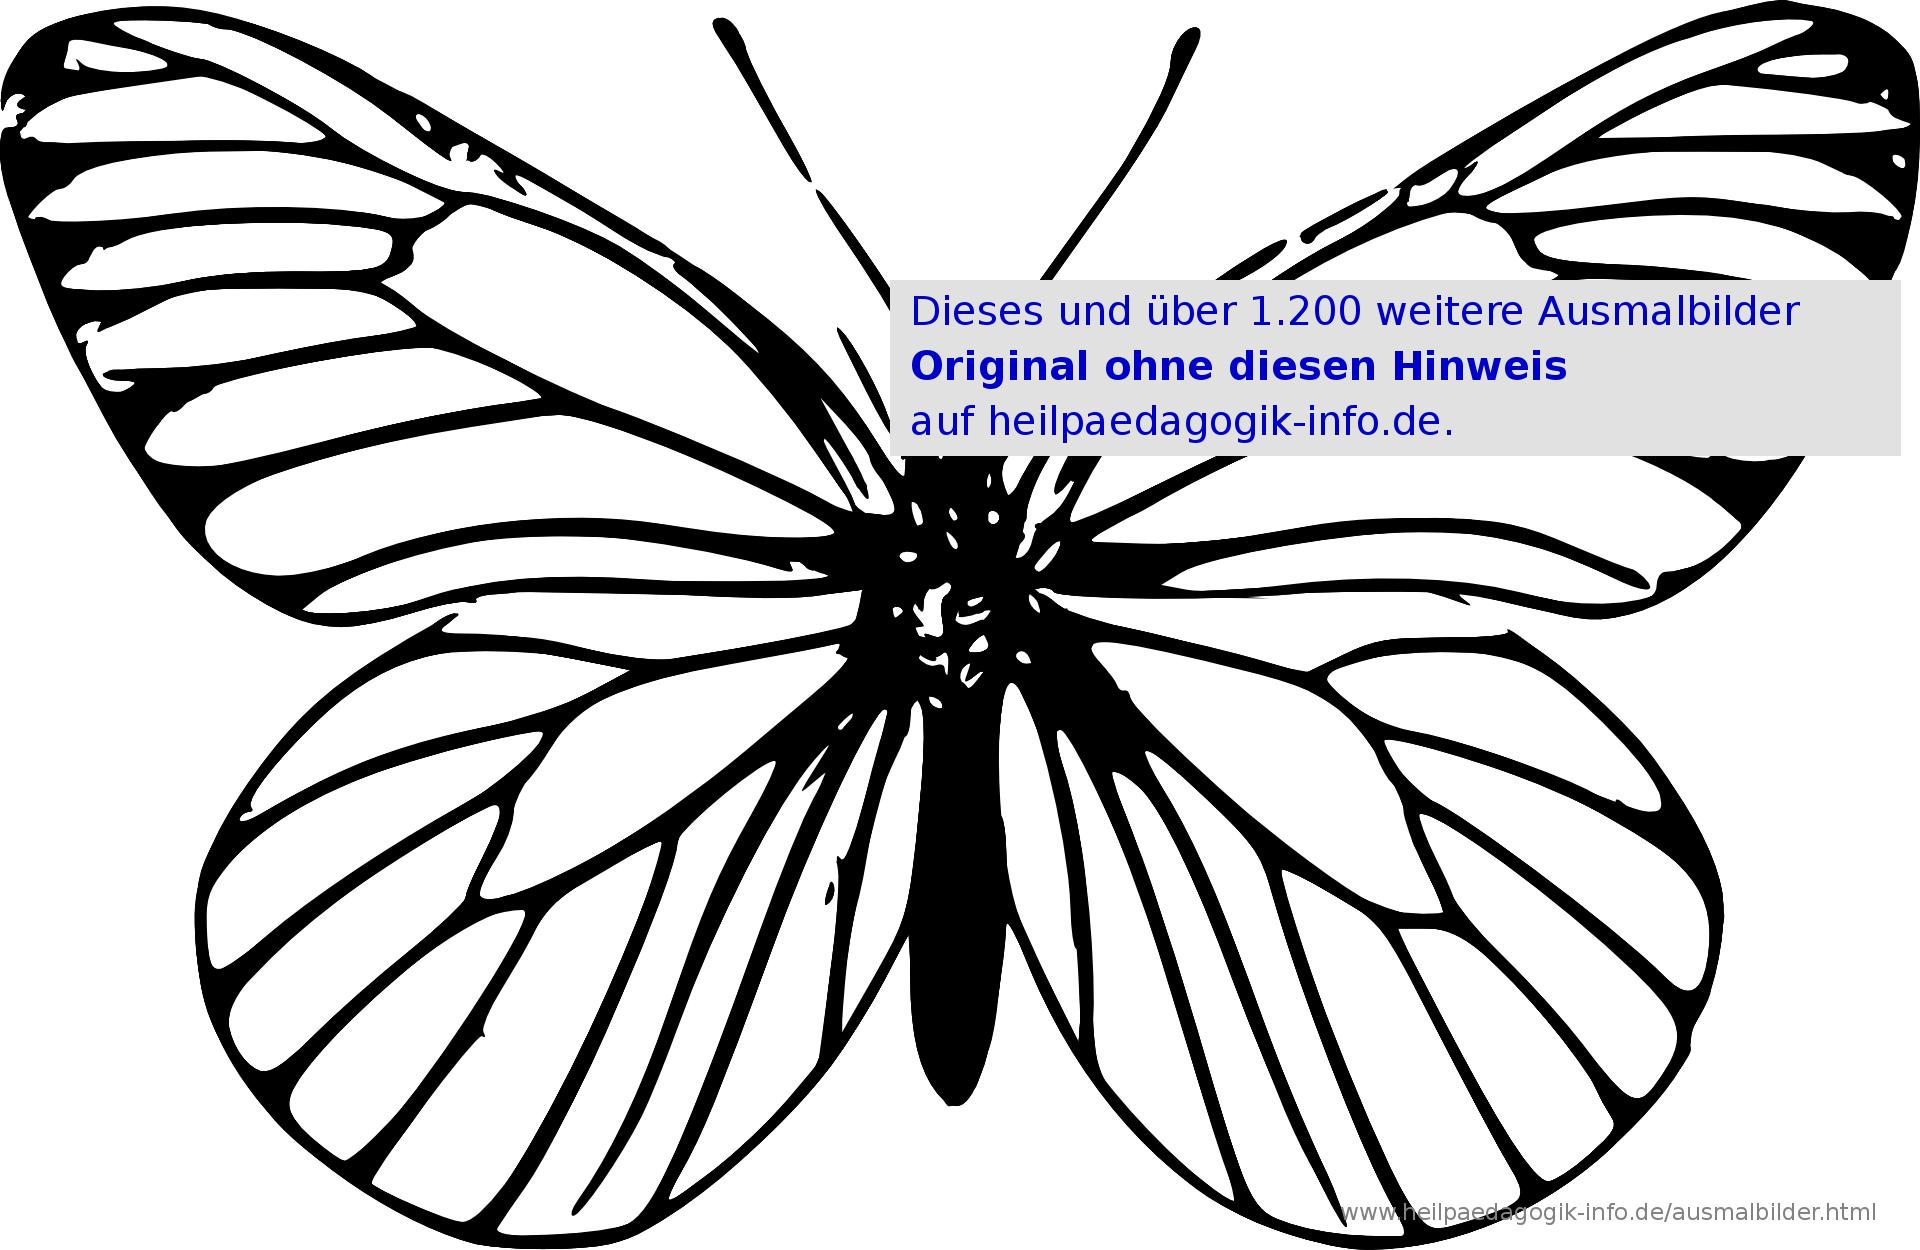 Ausmalbilder Käfer, Schmetterlinge, Insekten über Malvorlagen Schmetterlinge